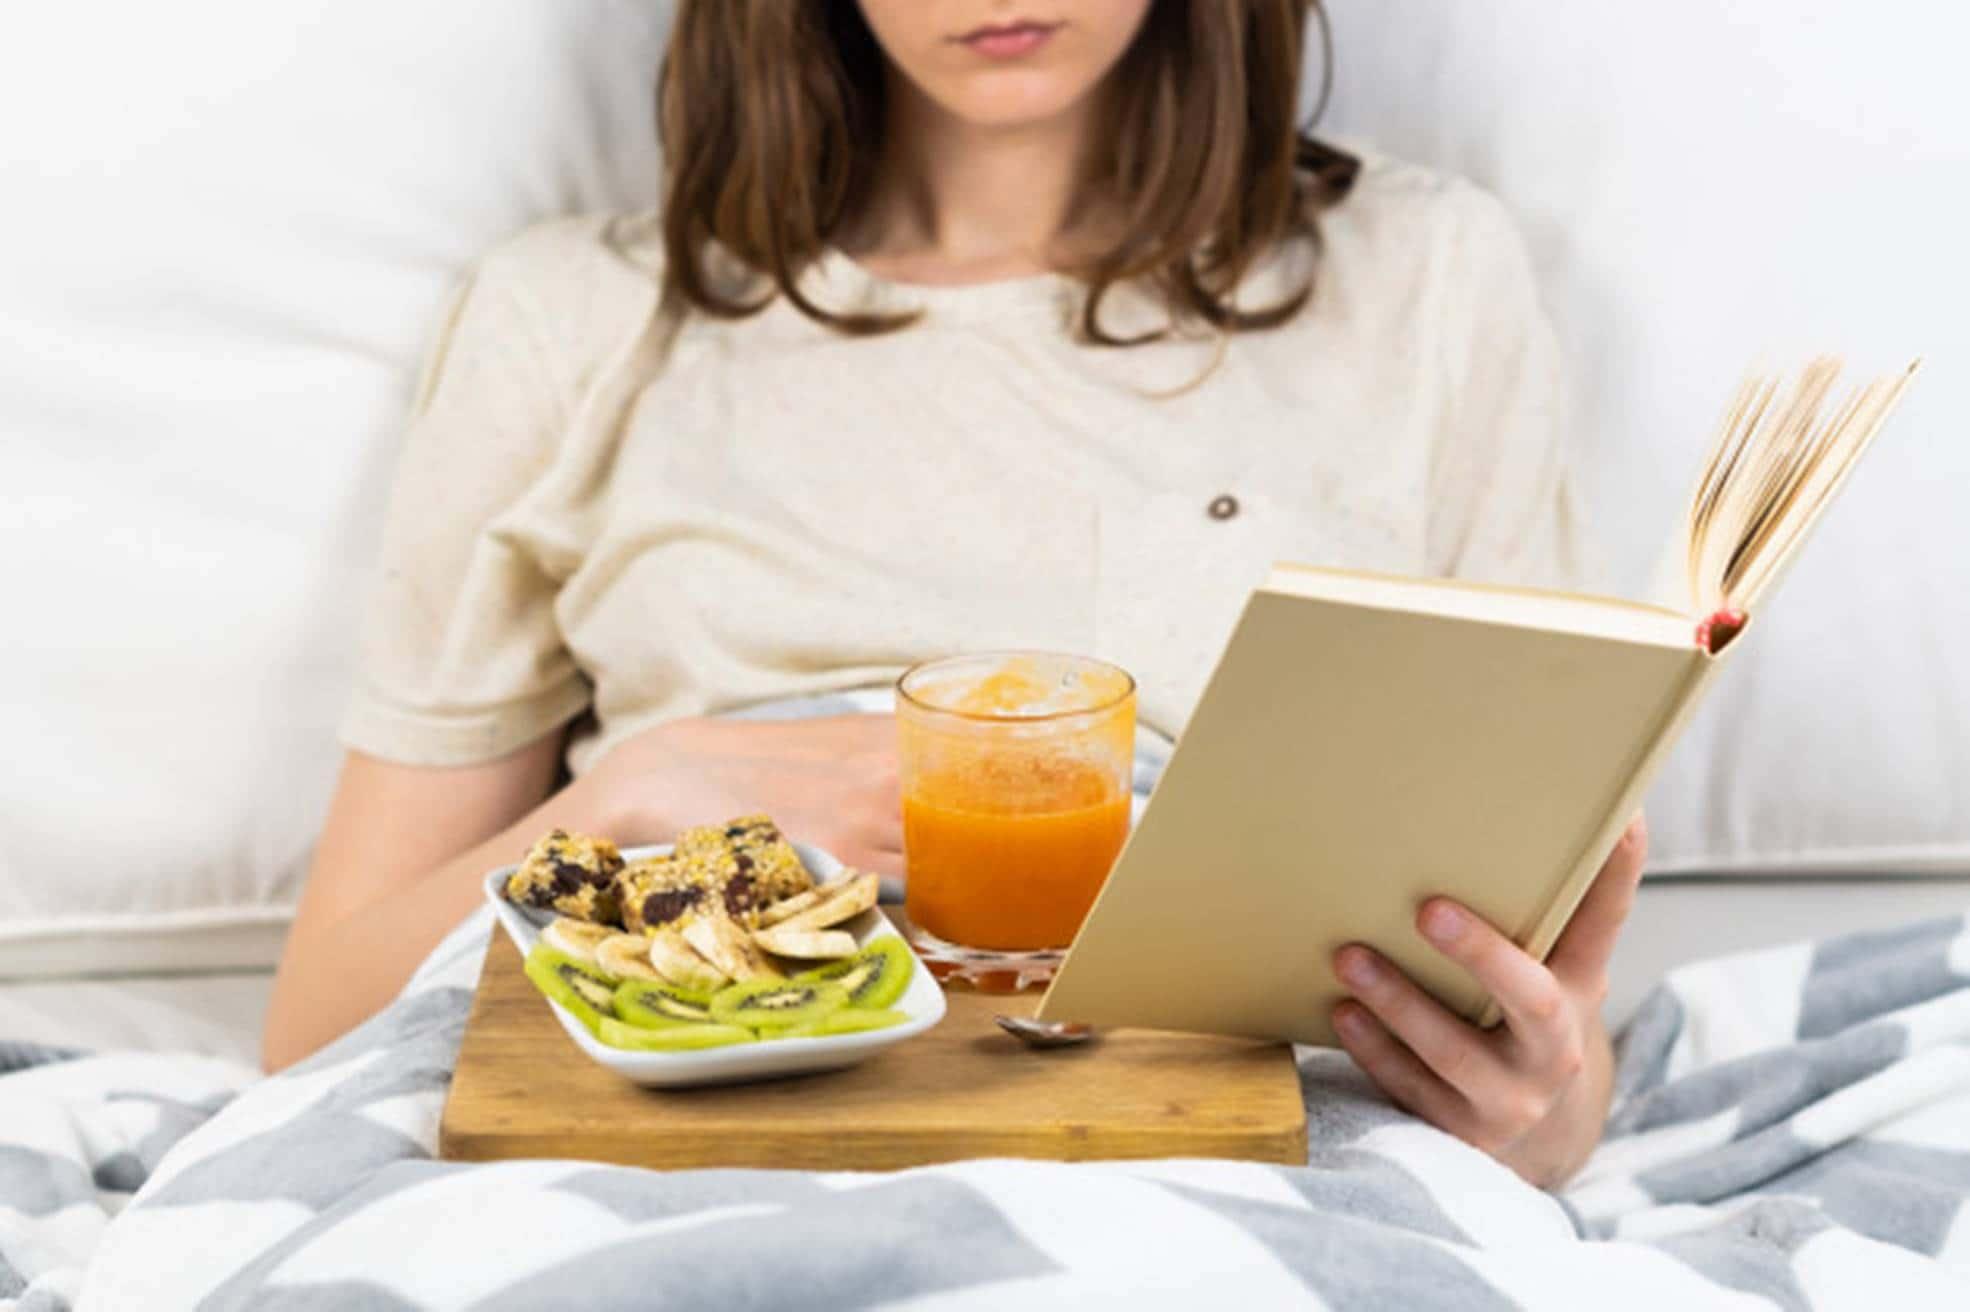 Emagrecer na quarentena: Dicas e suco detox para perder gordura